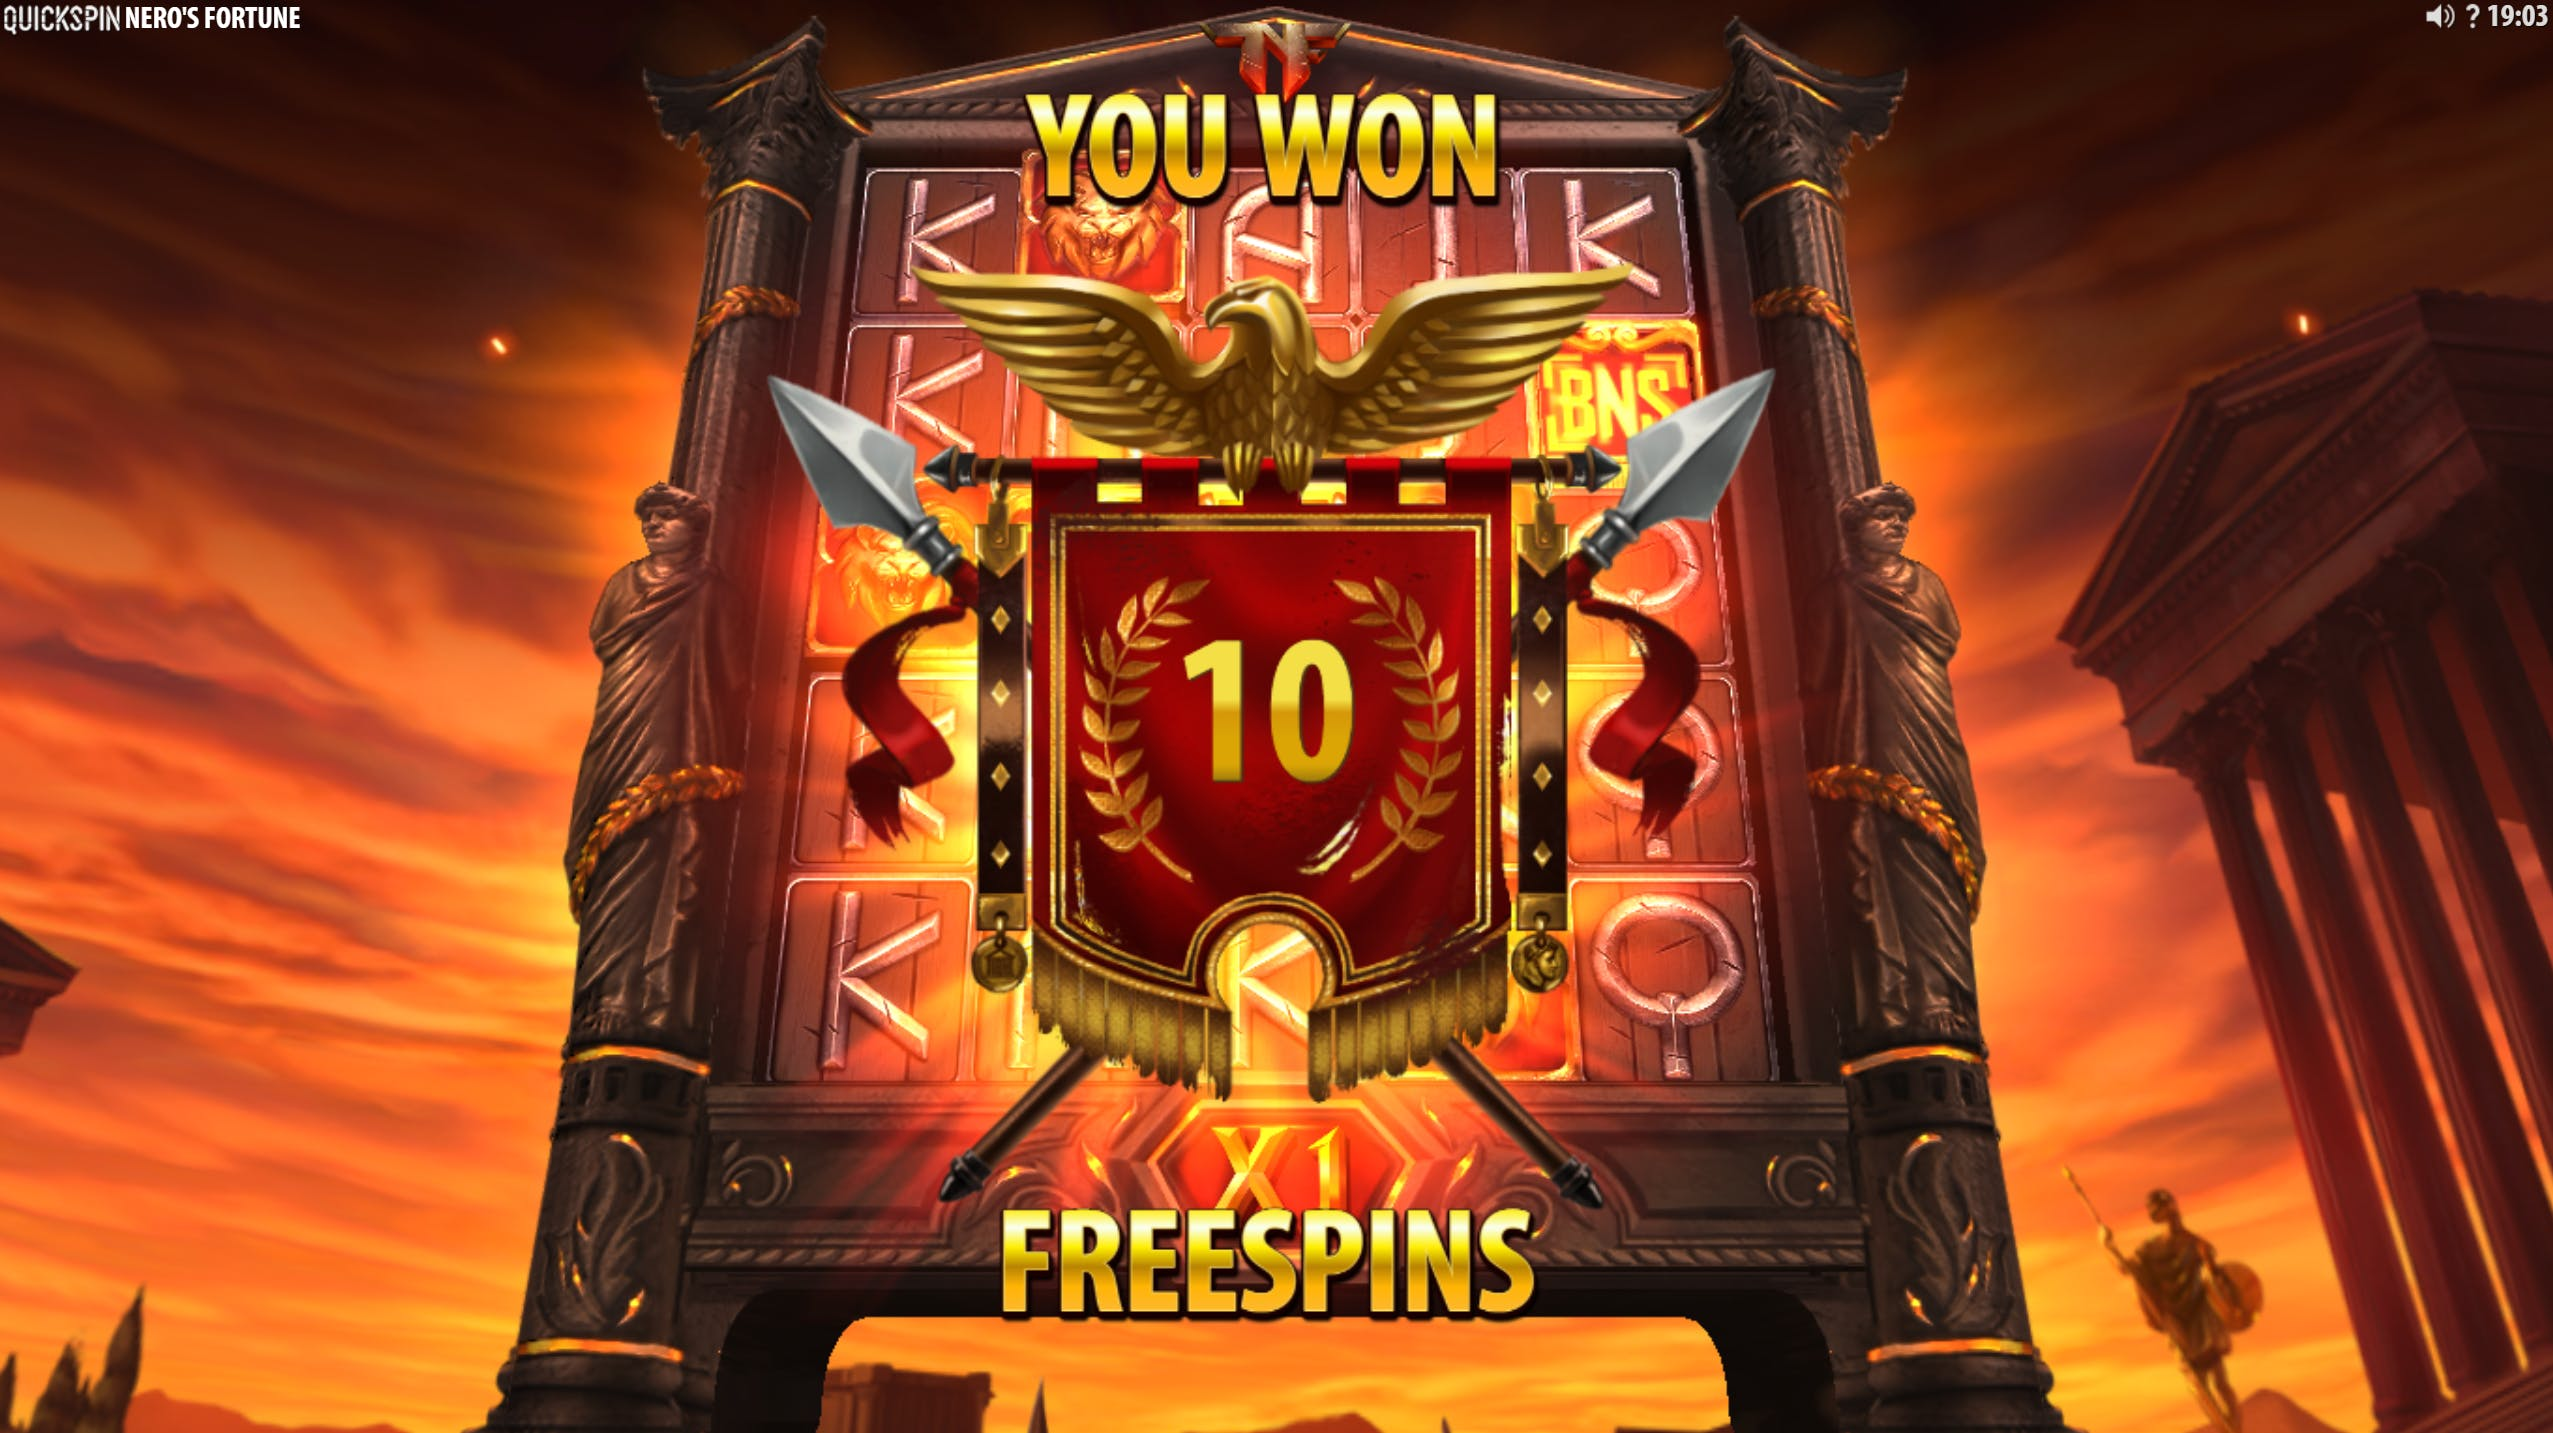 bonus quickspin nero's fortune gameplay celsius